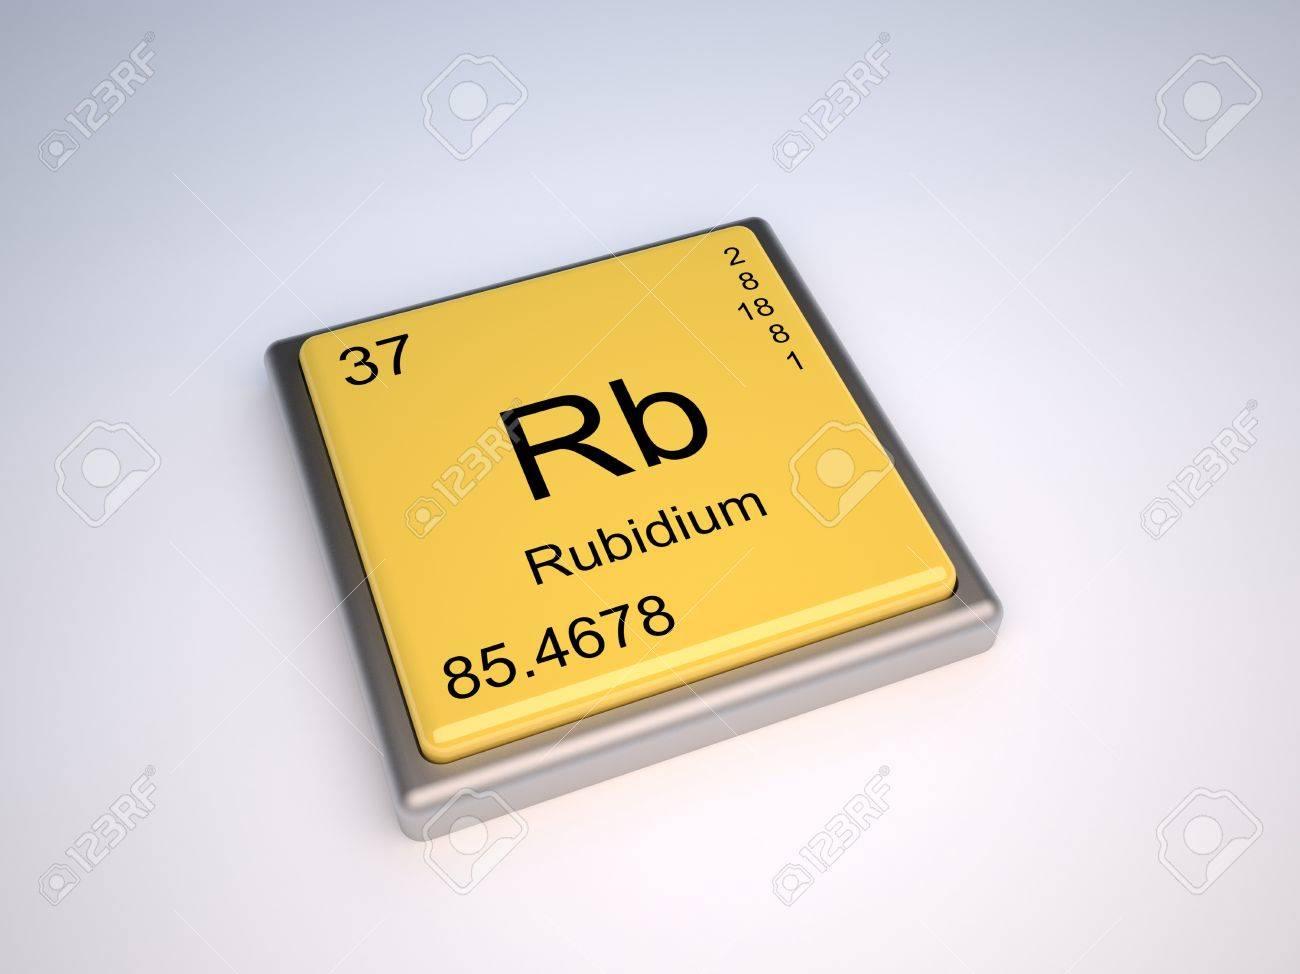 Rubidium chemical element of the periodic table with symbol rb stock rubidium chemical element of the periodic table with symbol rb stock photo 9257047 buycottarizona Choice Image